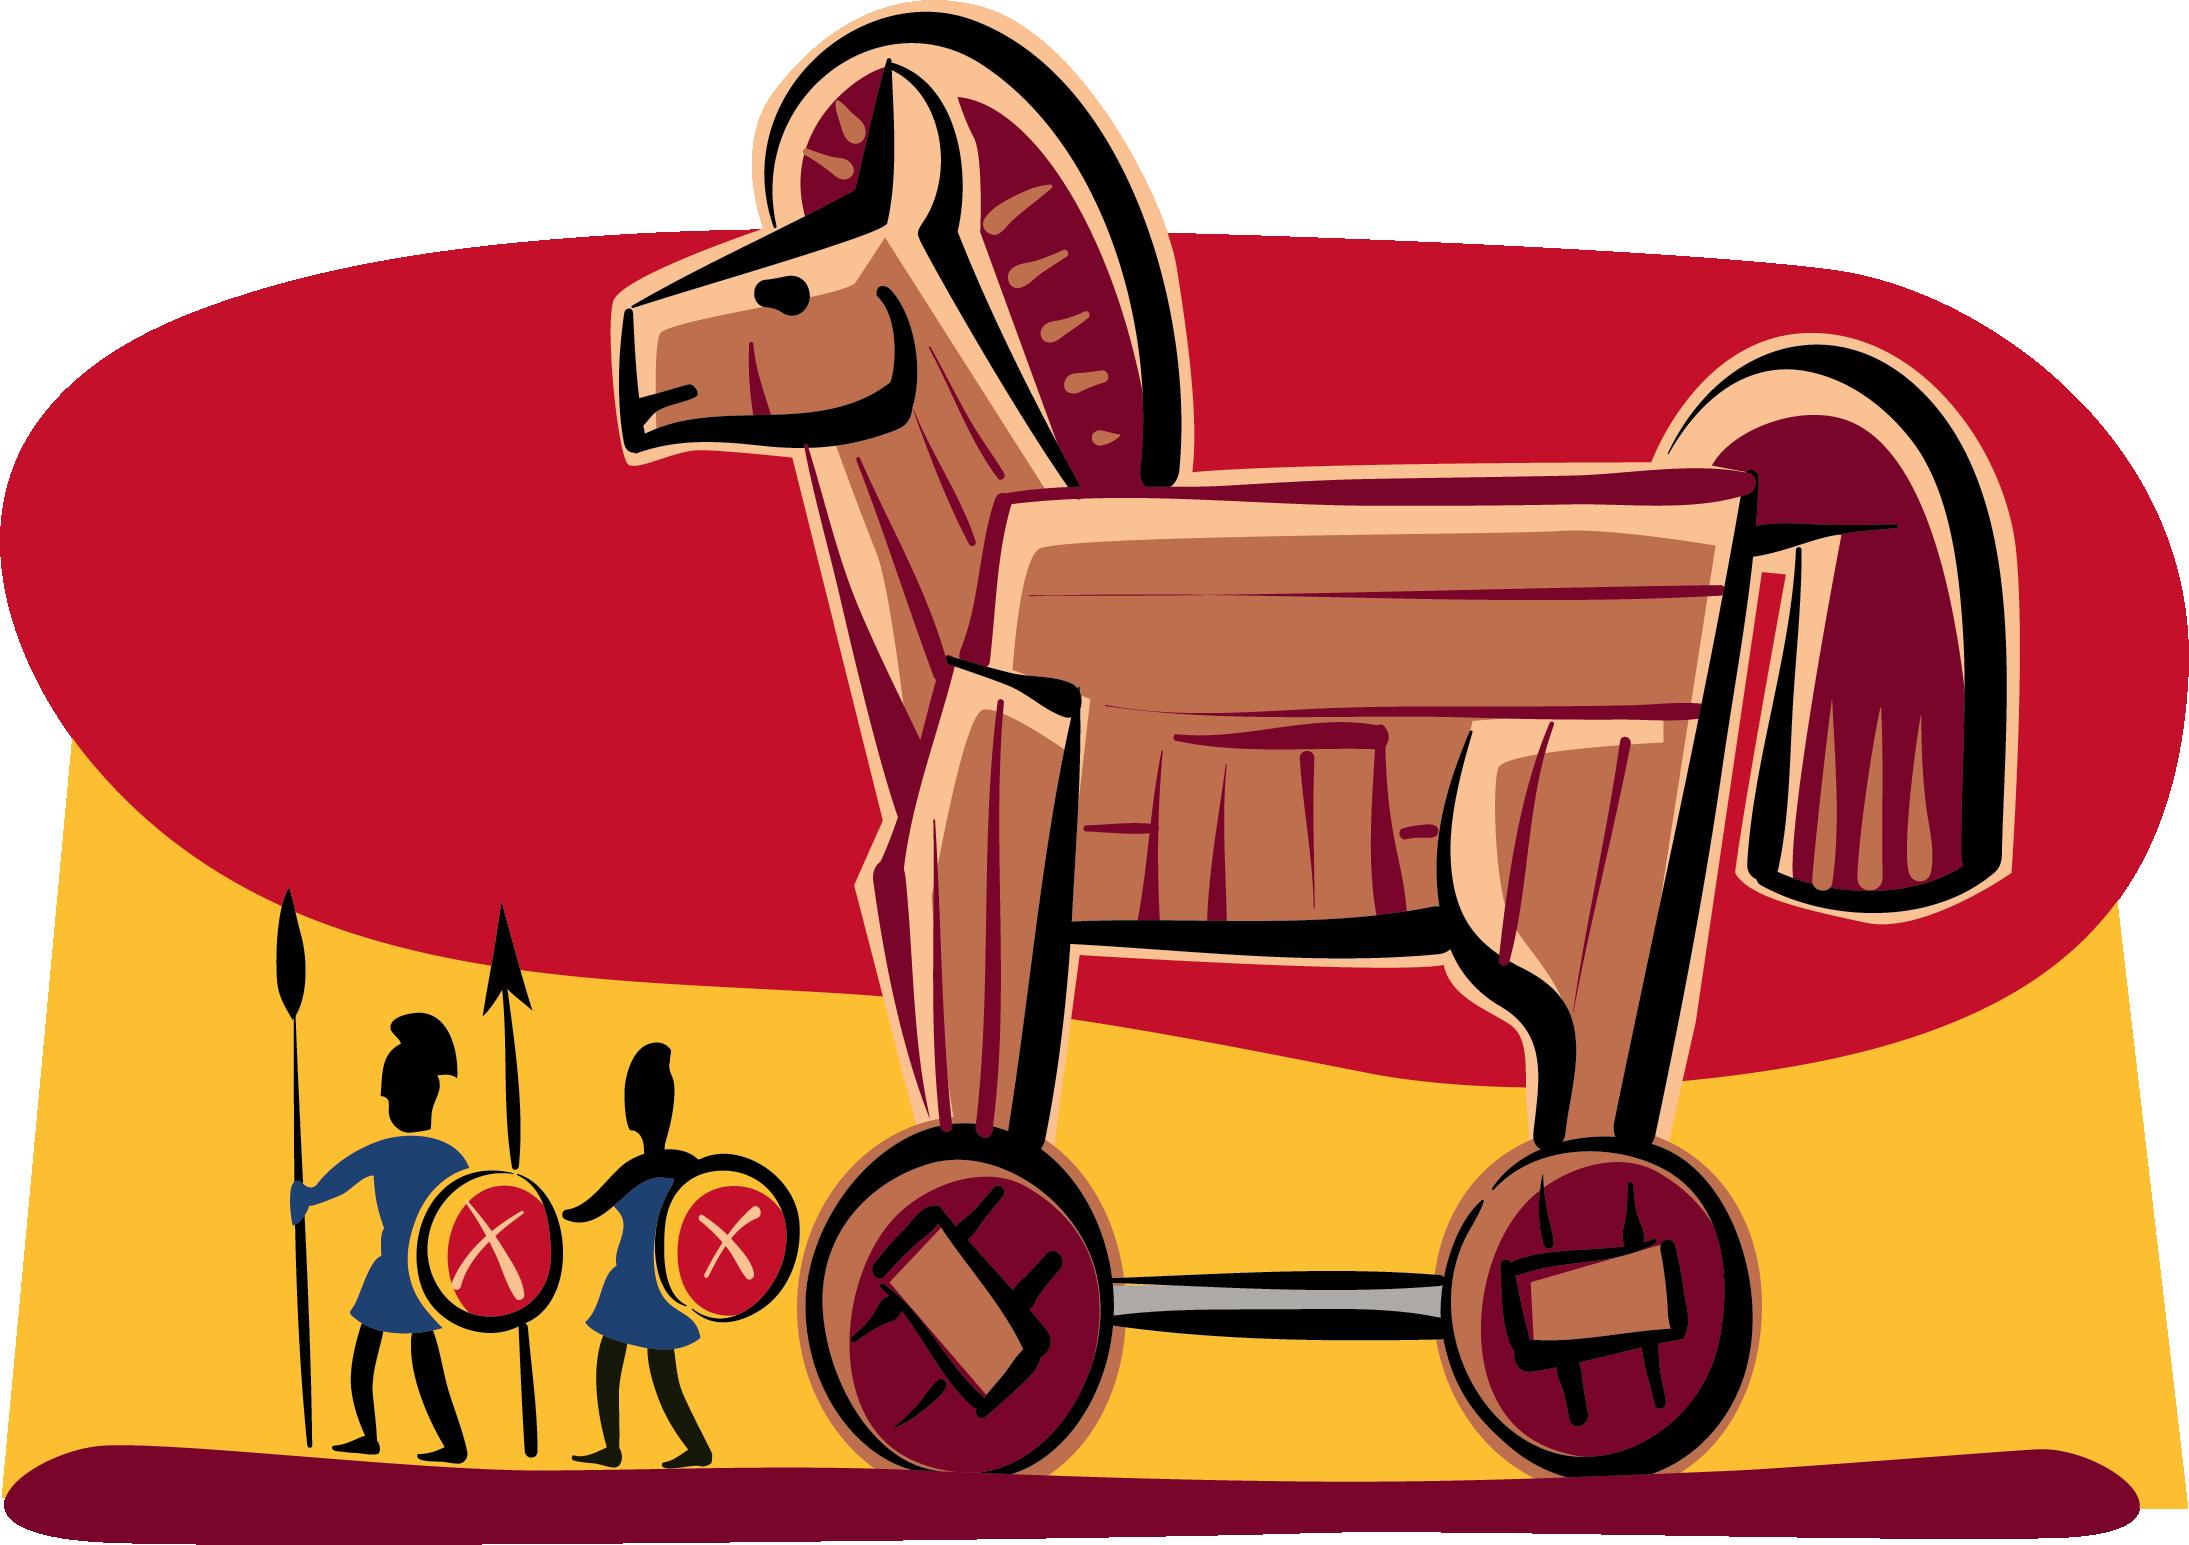 jpg free download Trojan Horse Clipart at GetDrawings